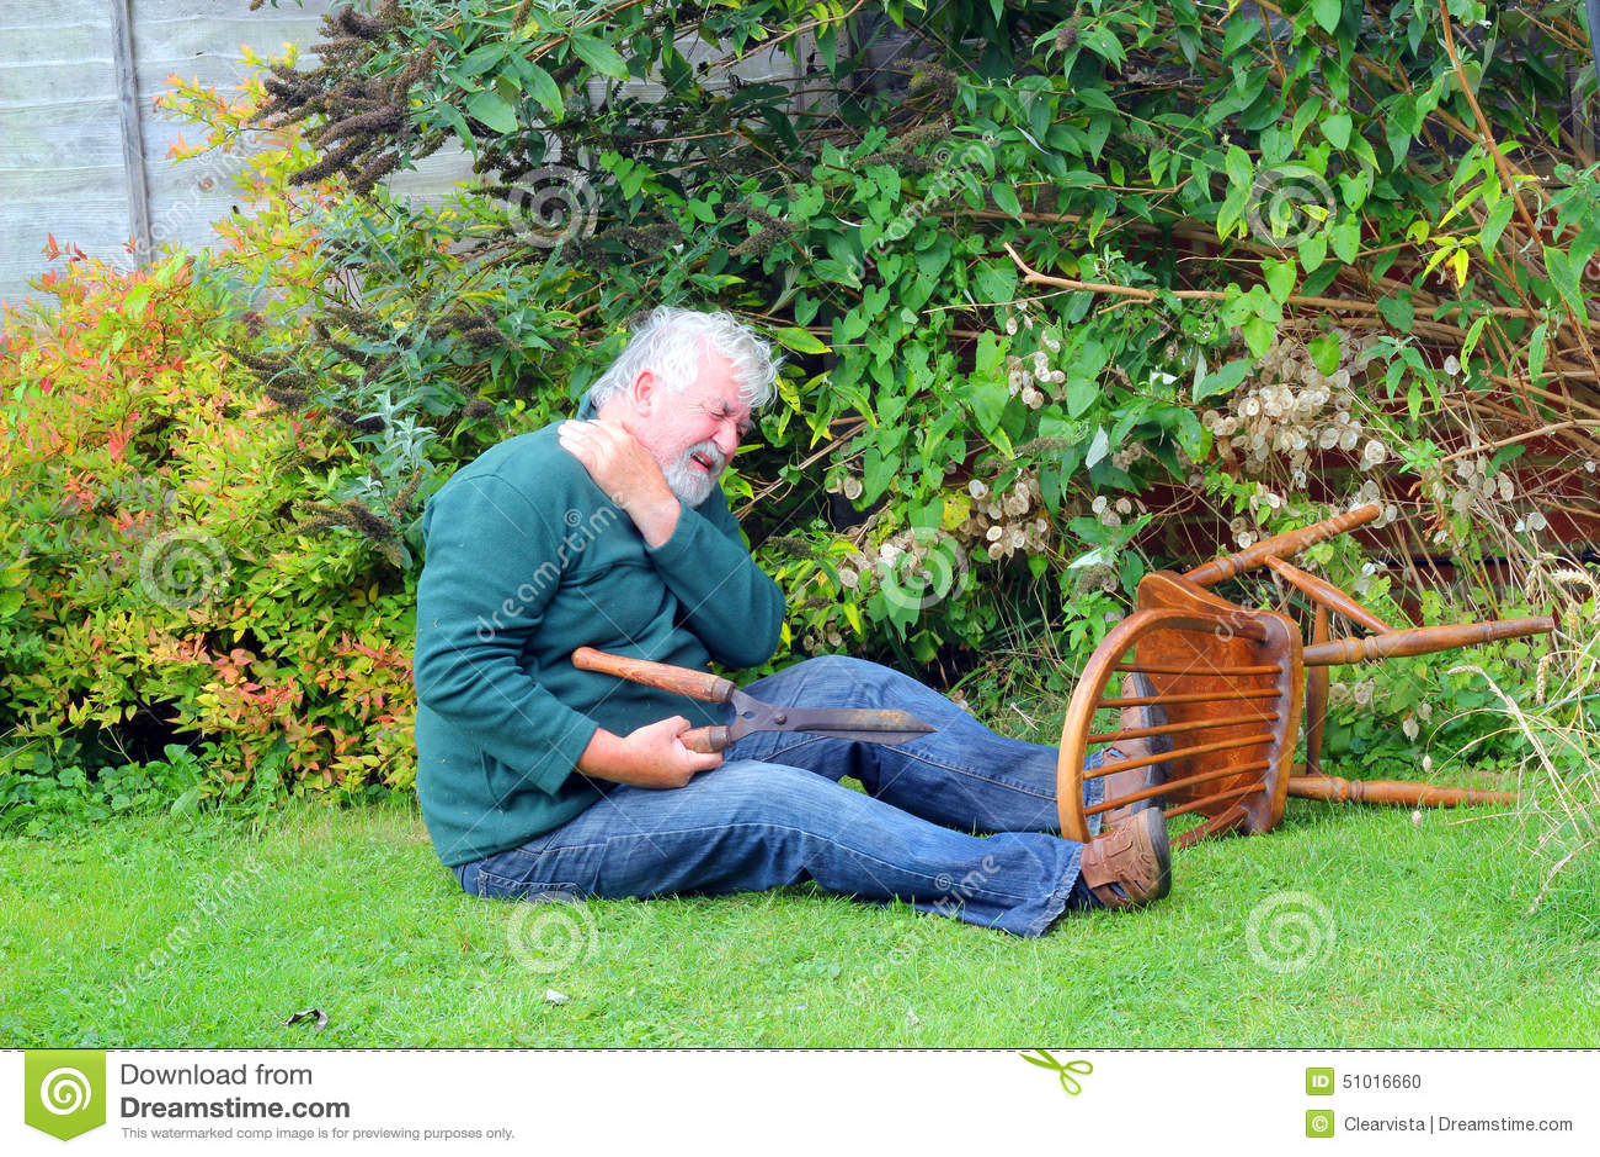 Unfall Garten Vorbei Gefallen Gefahr Stockfoto Bild